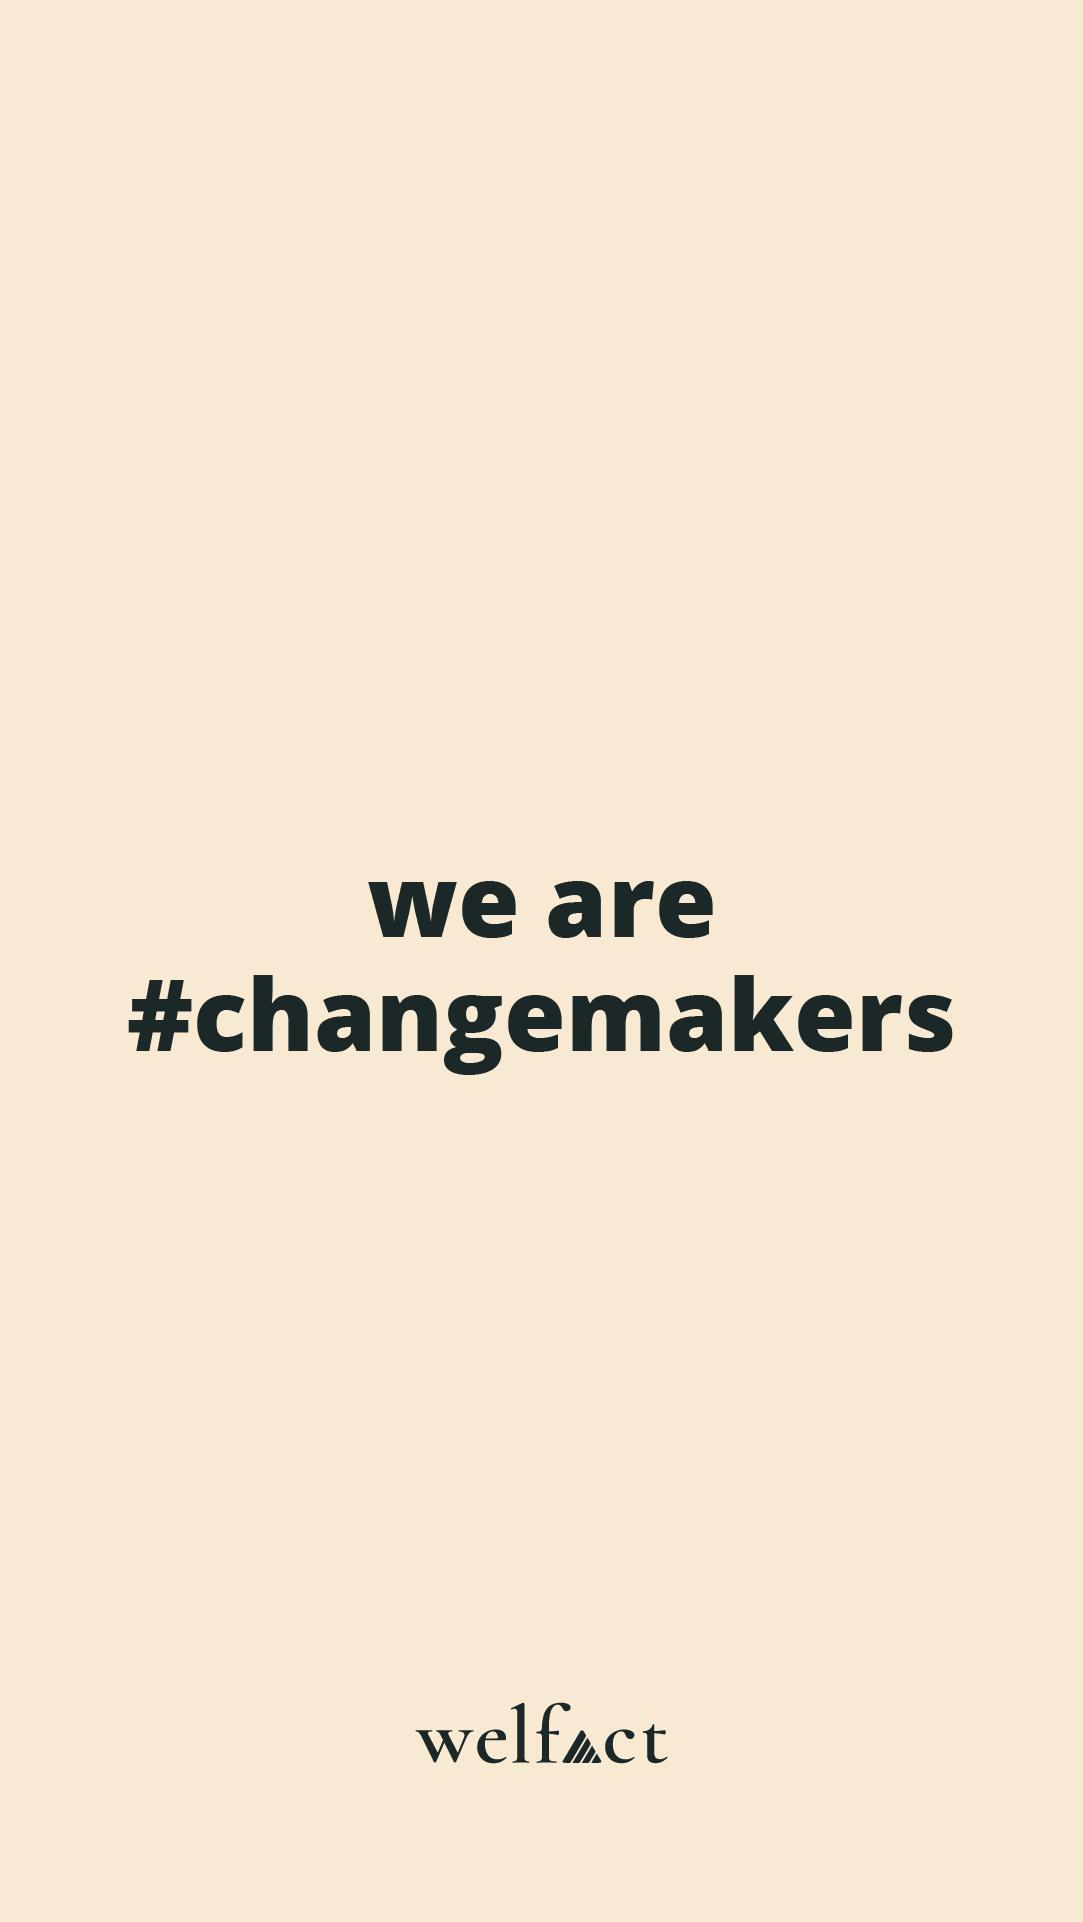 Welfact Assets - #ChangeMaker, Yellow